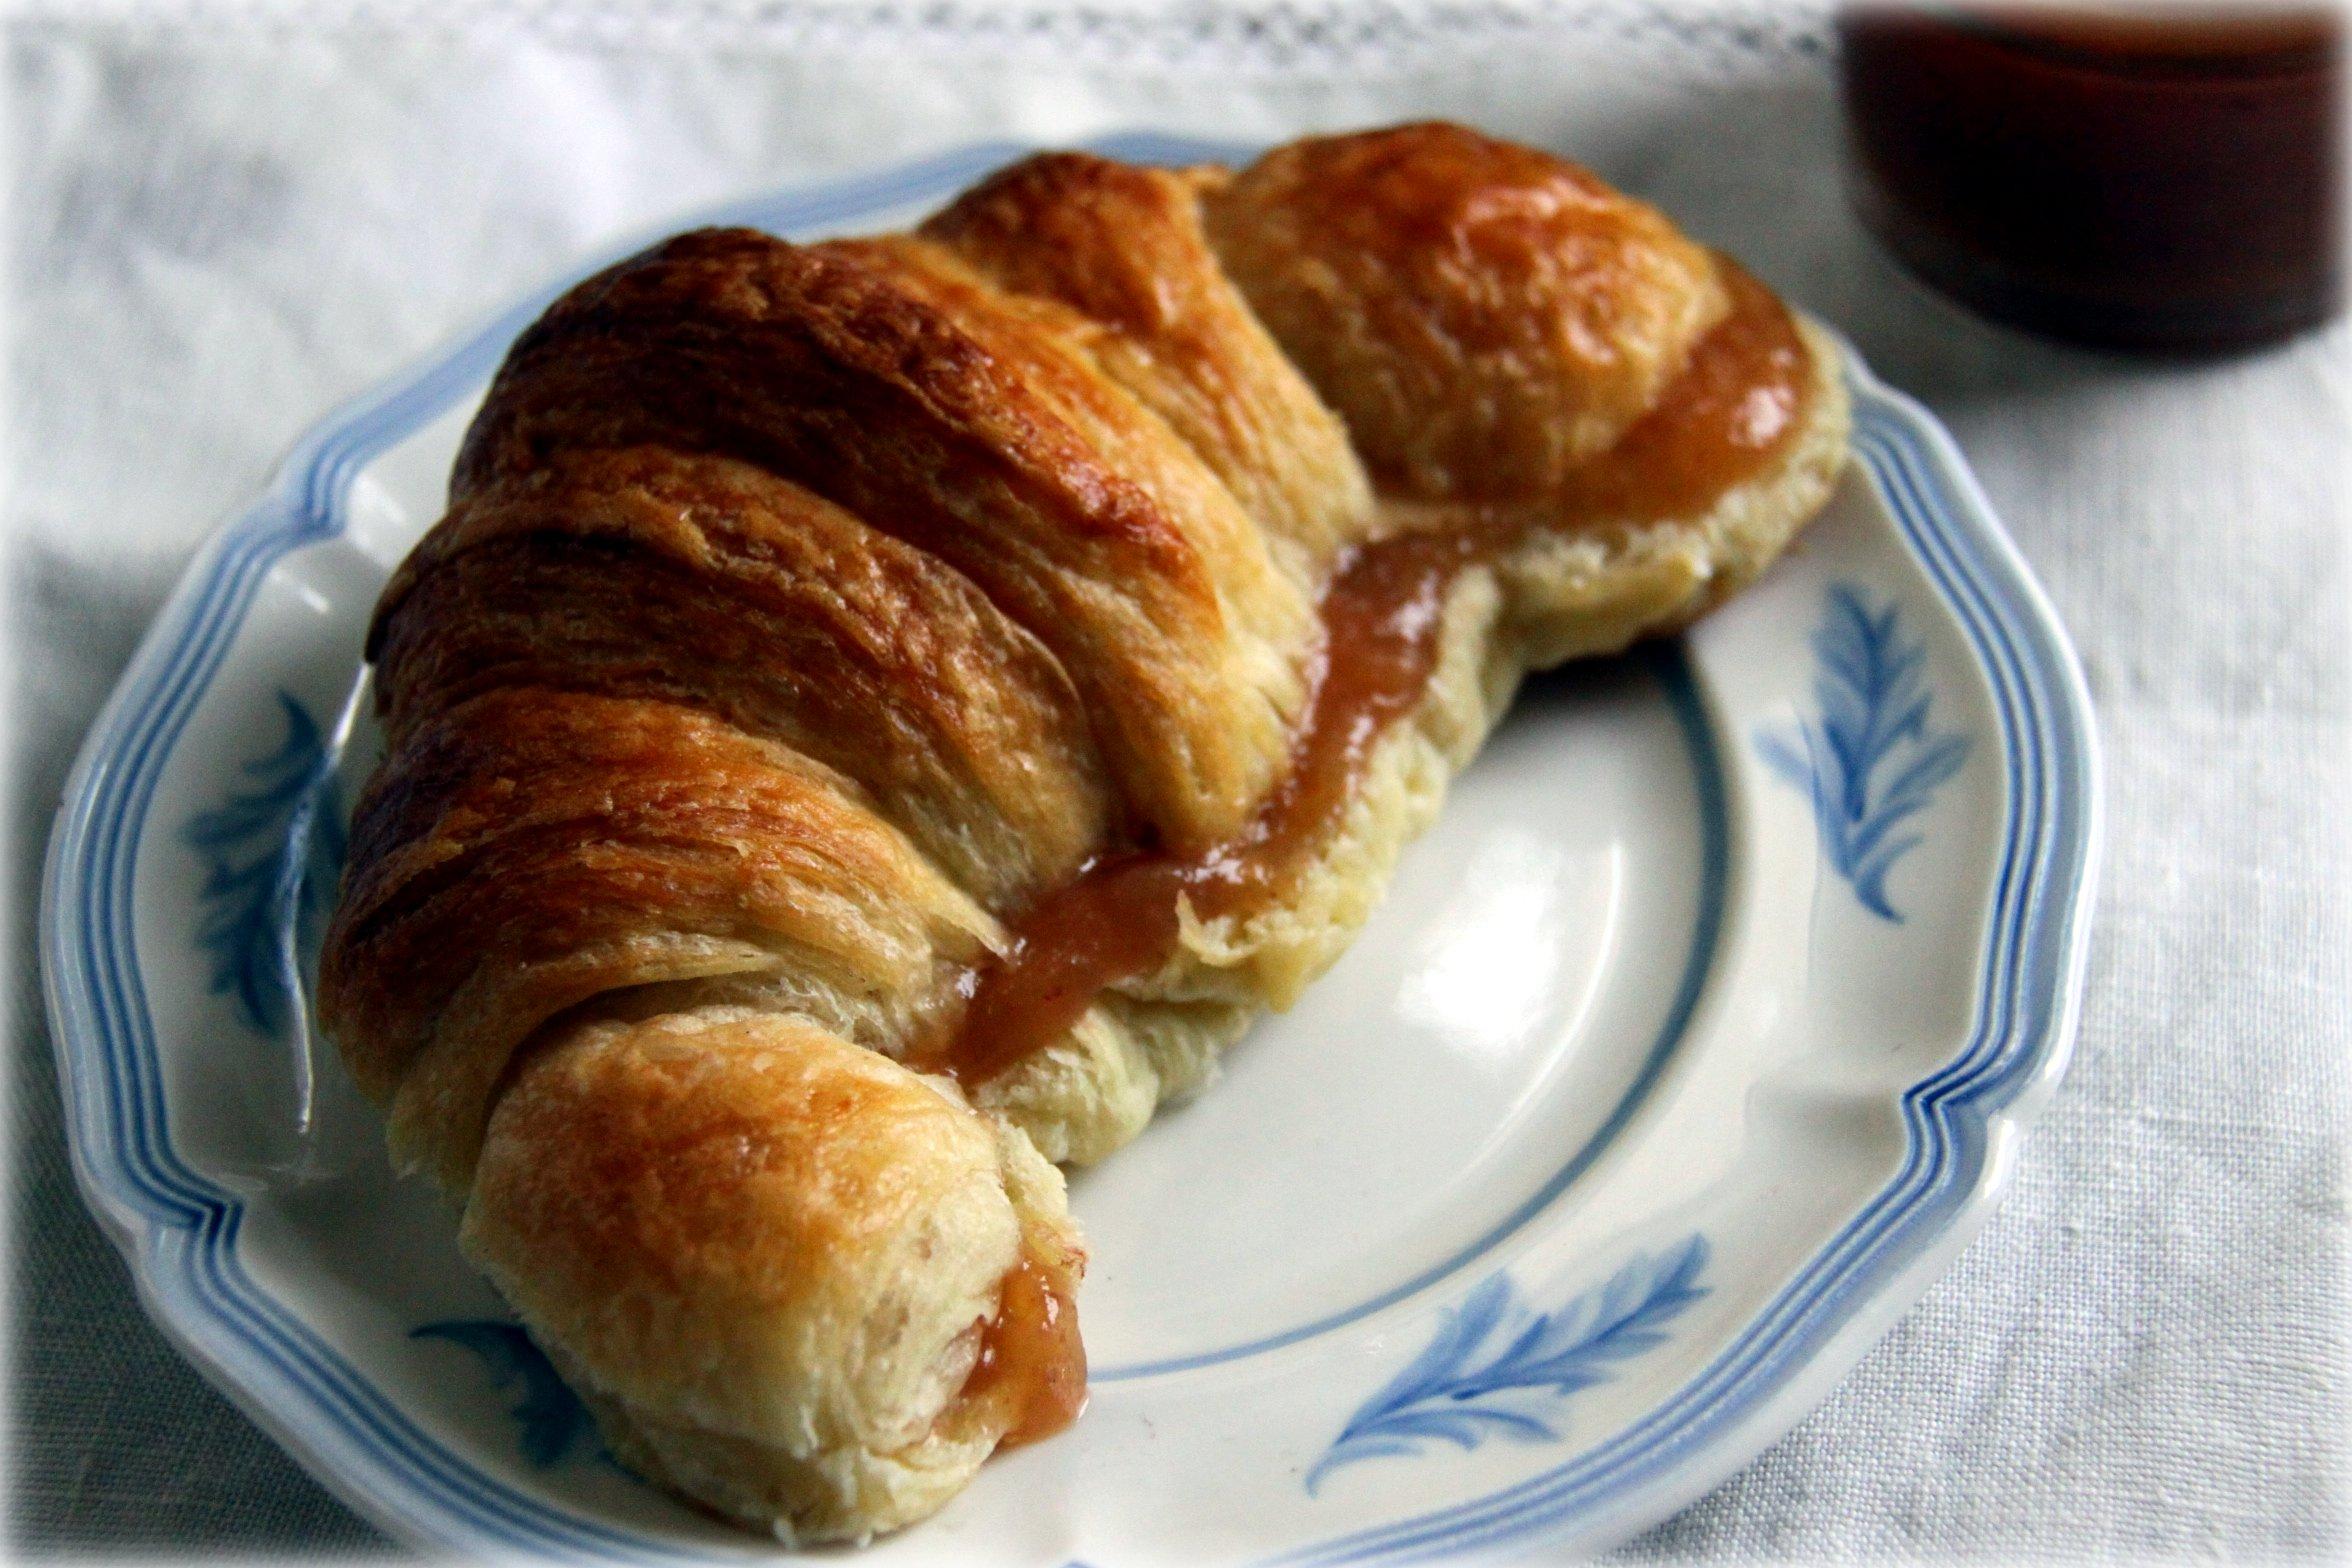 baking croissants instruction in paris